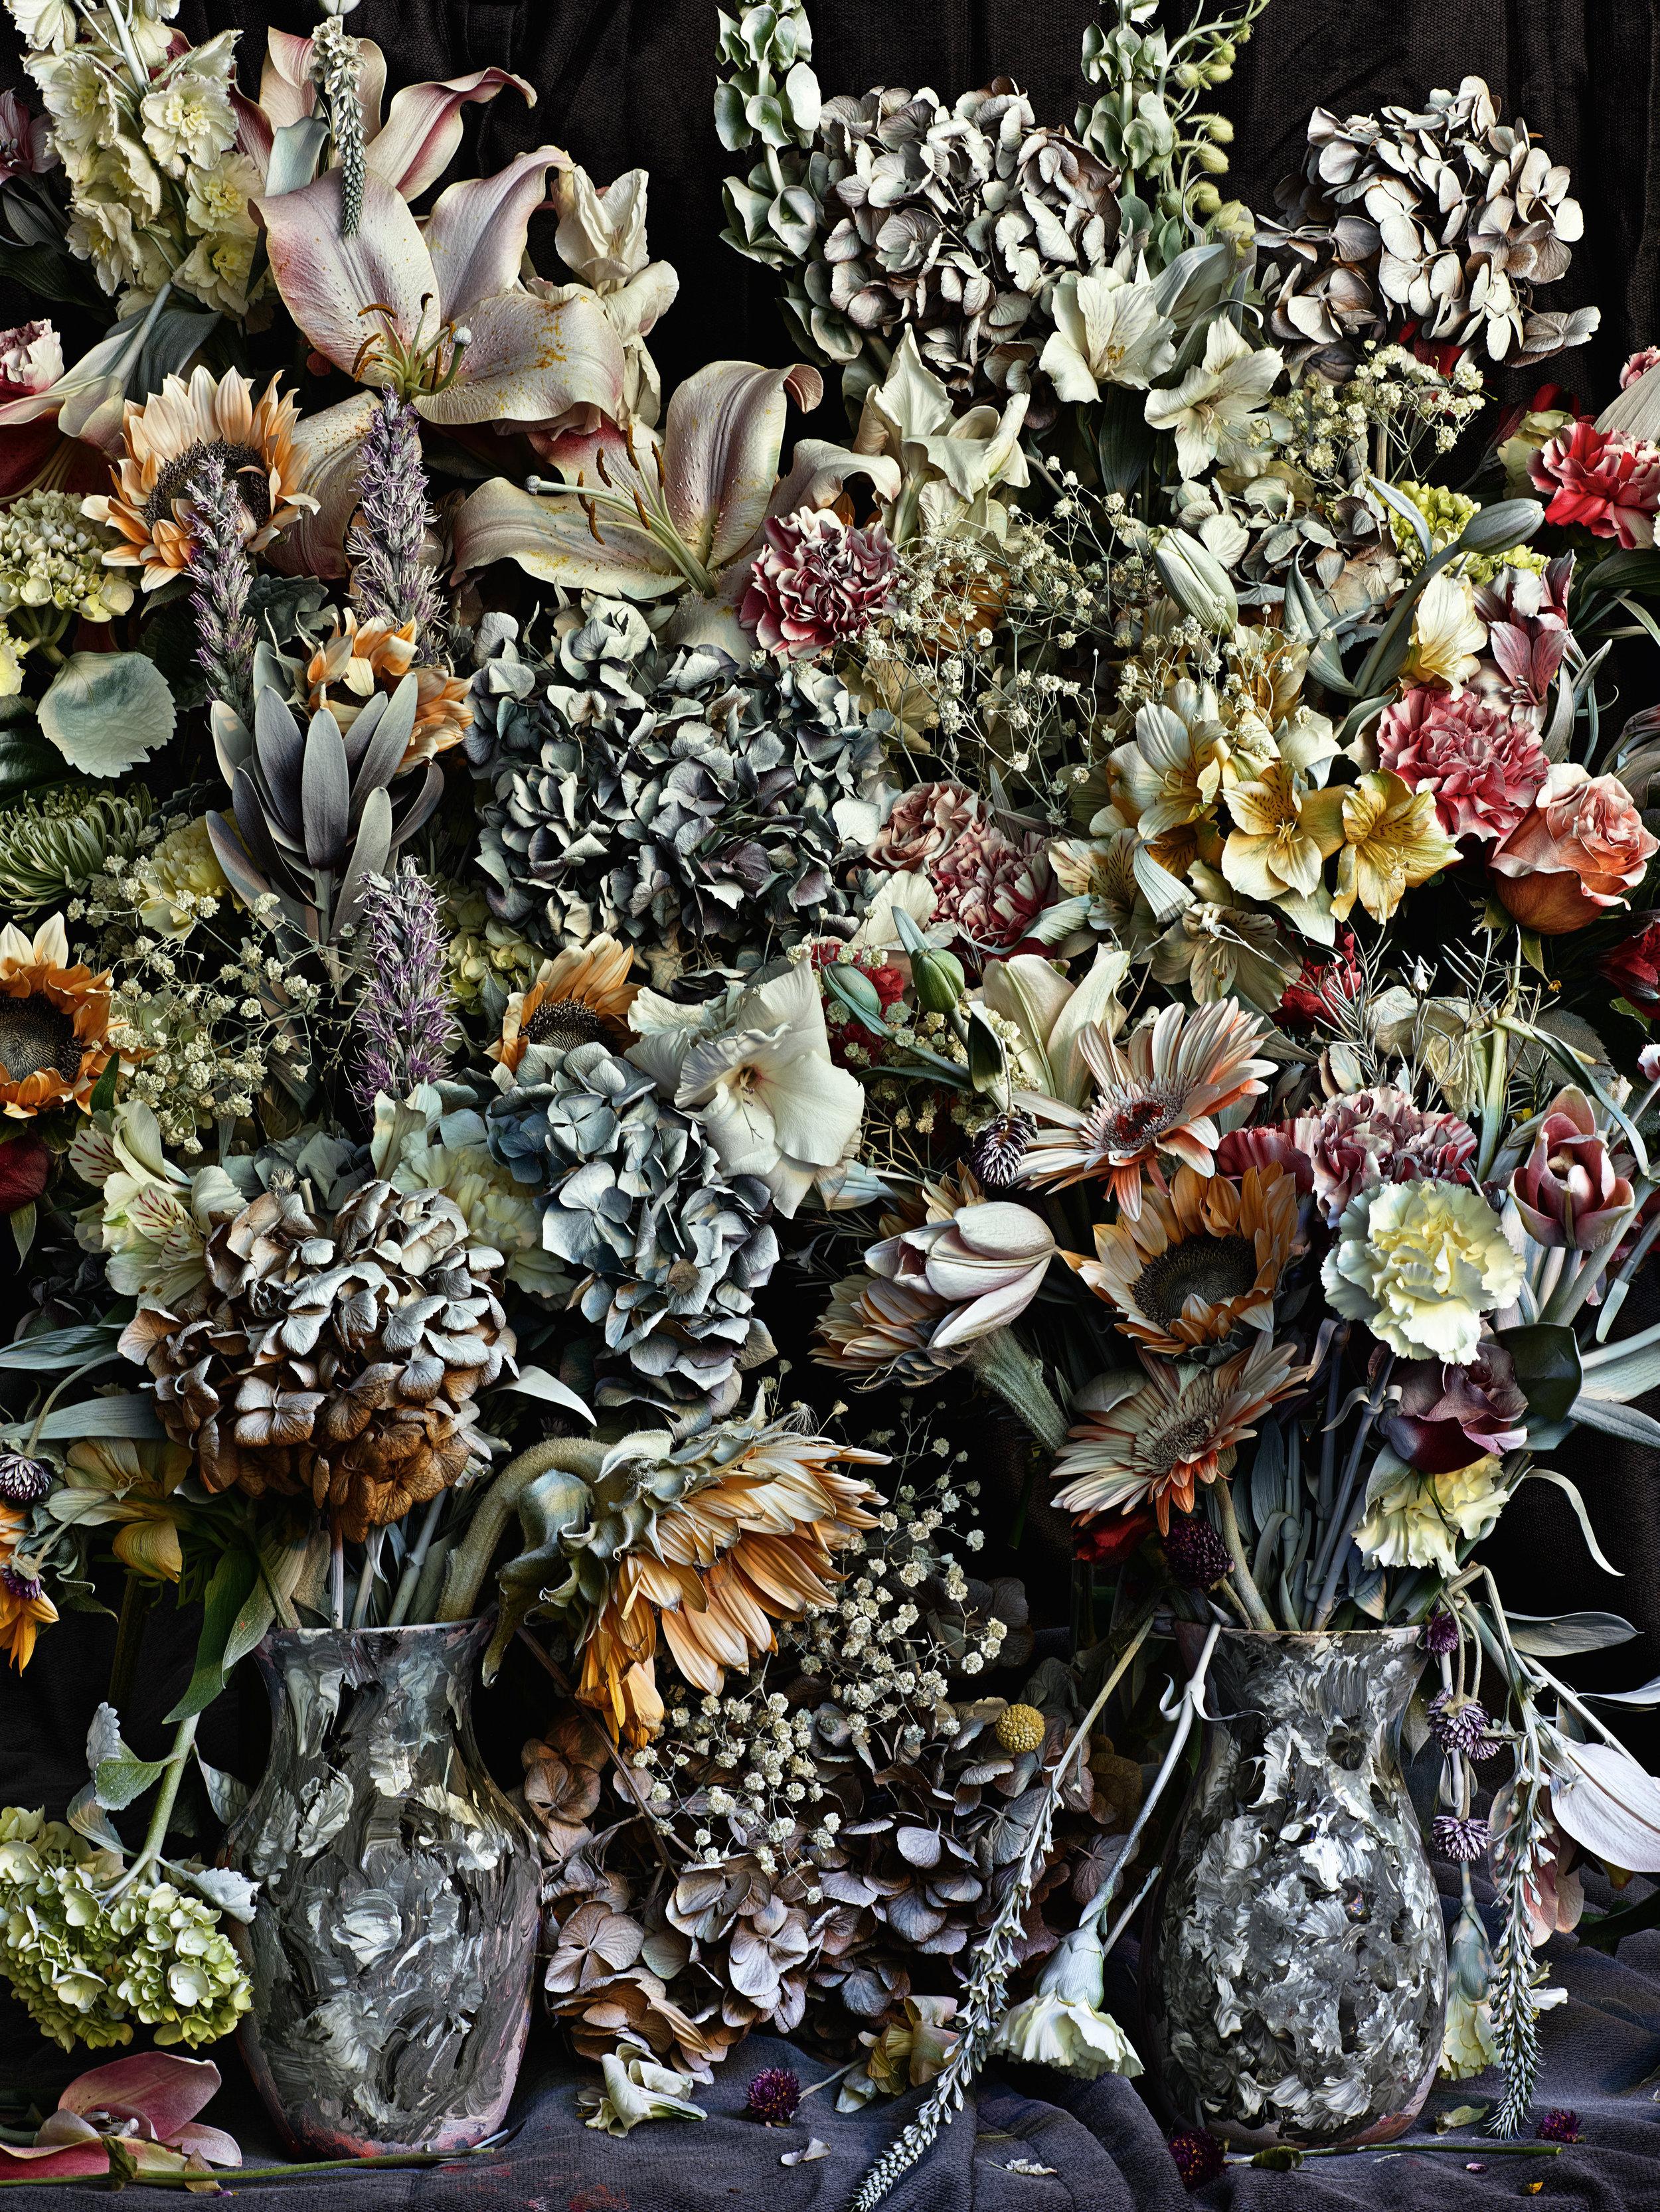 Flowers for Lisa #32,  Abelardo Morell